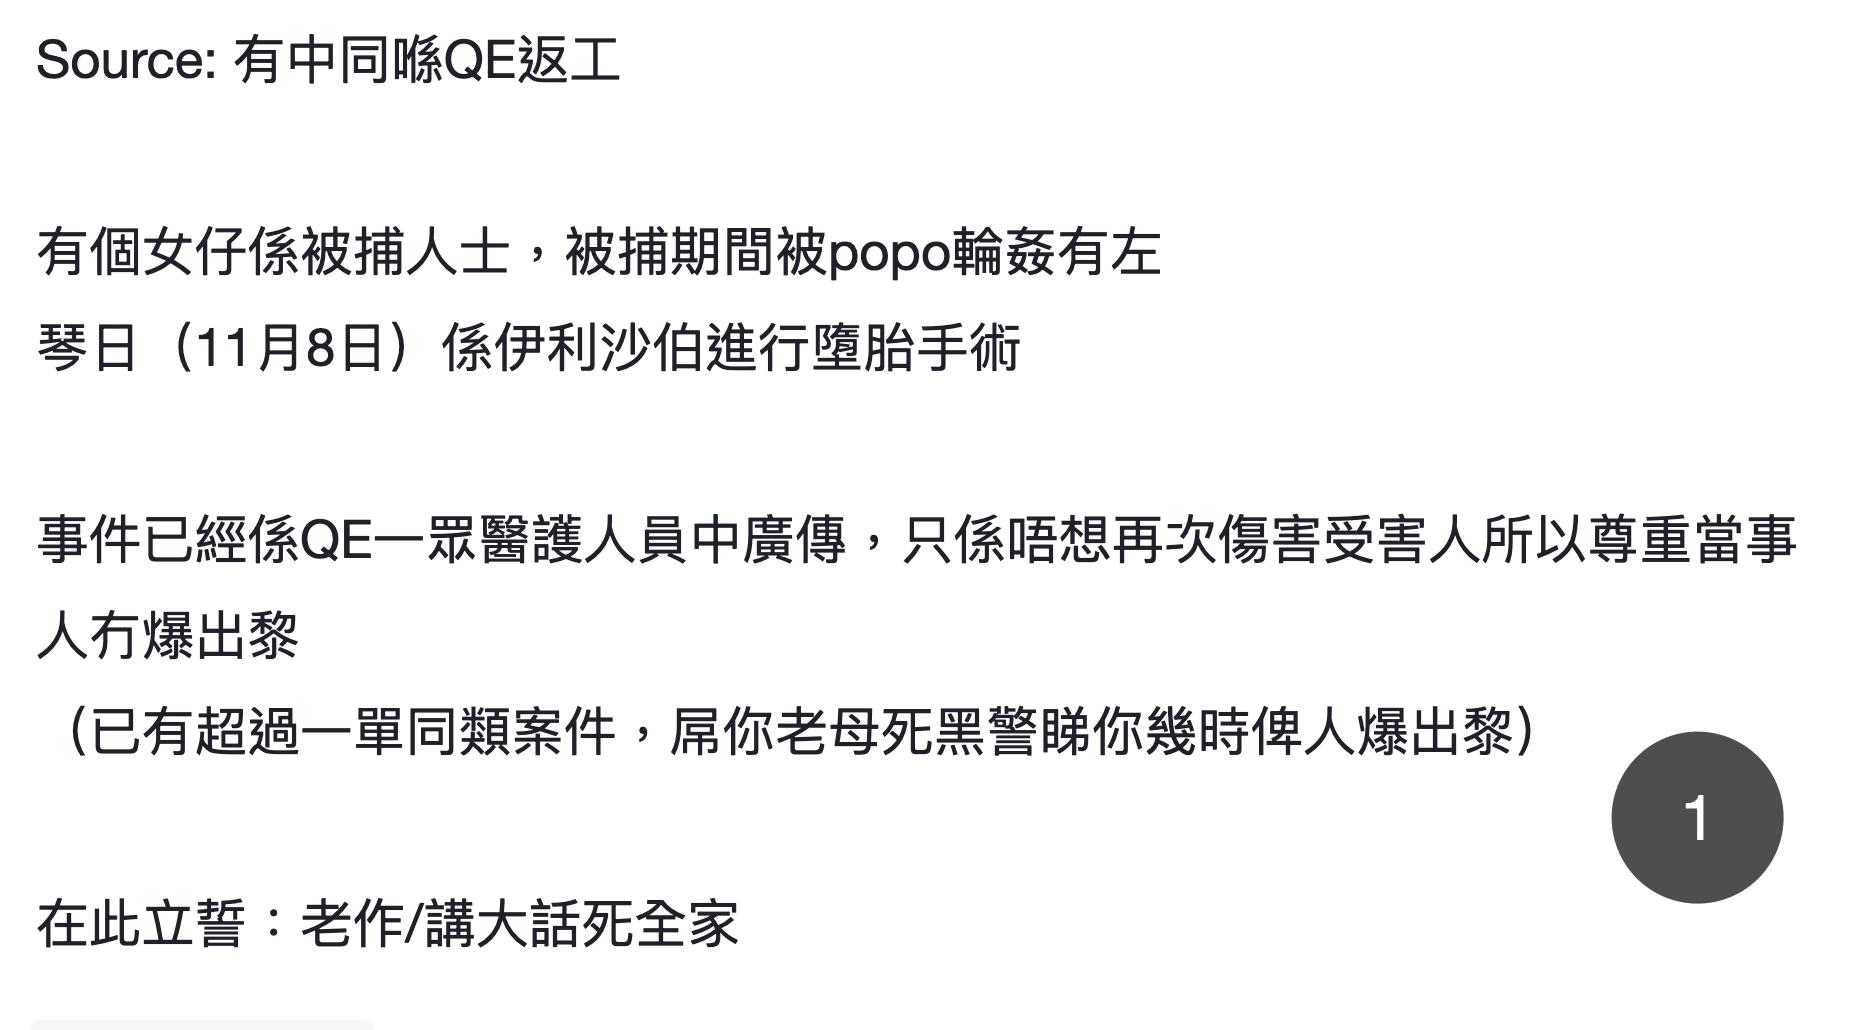 8日,有網民在「連登討論區」爆料,稱有年輕女性在拘捕期間,慘遭港警輪姦,不幸懷孕。(網絡截圖)